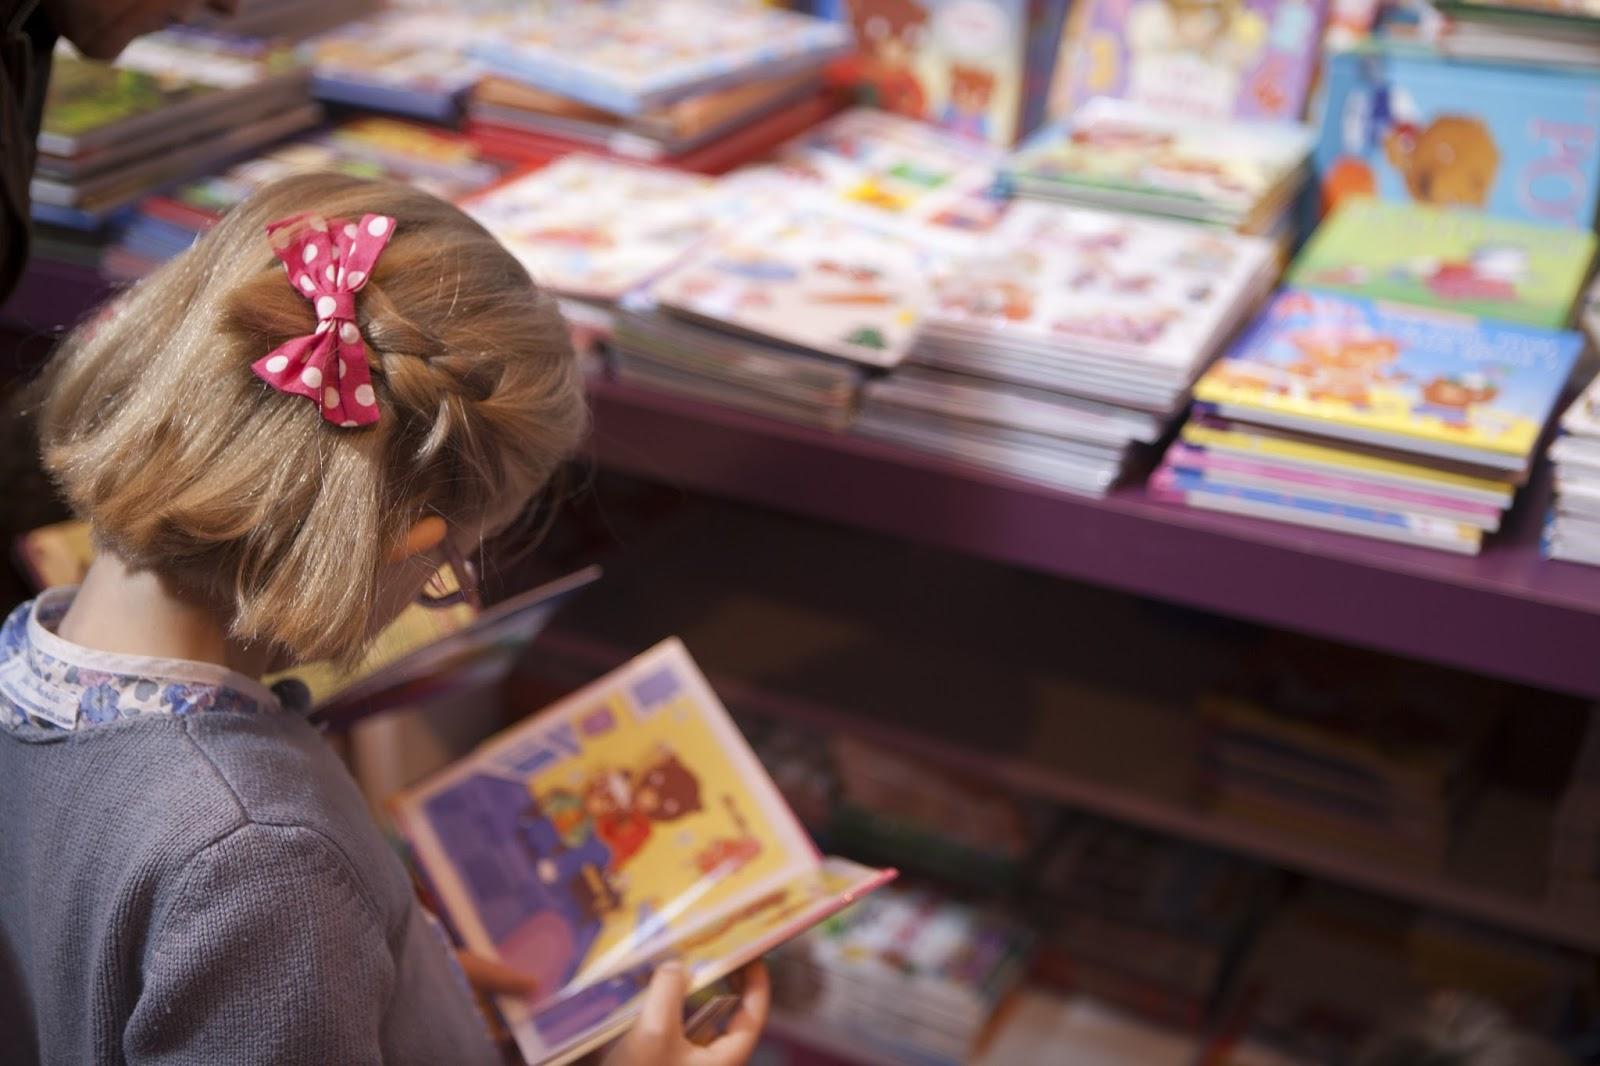 Le coin jeunesse salon du livre paris 2017 pourquoi il - Salon du livre paris 2017 ...